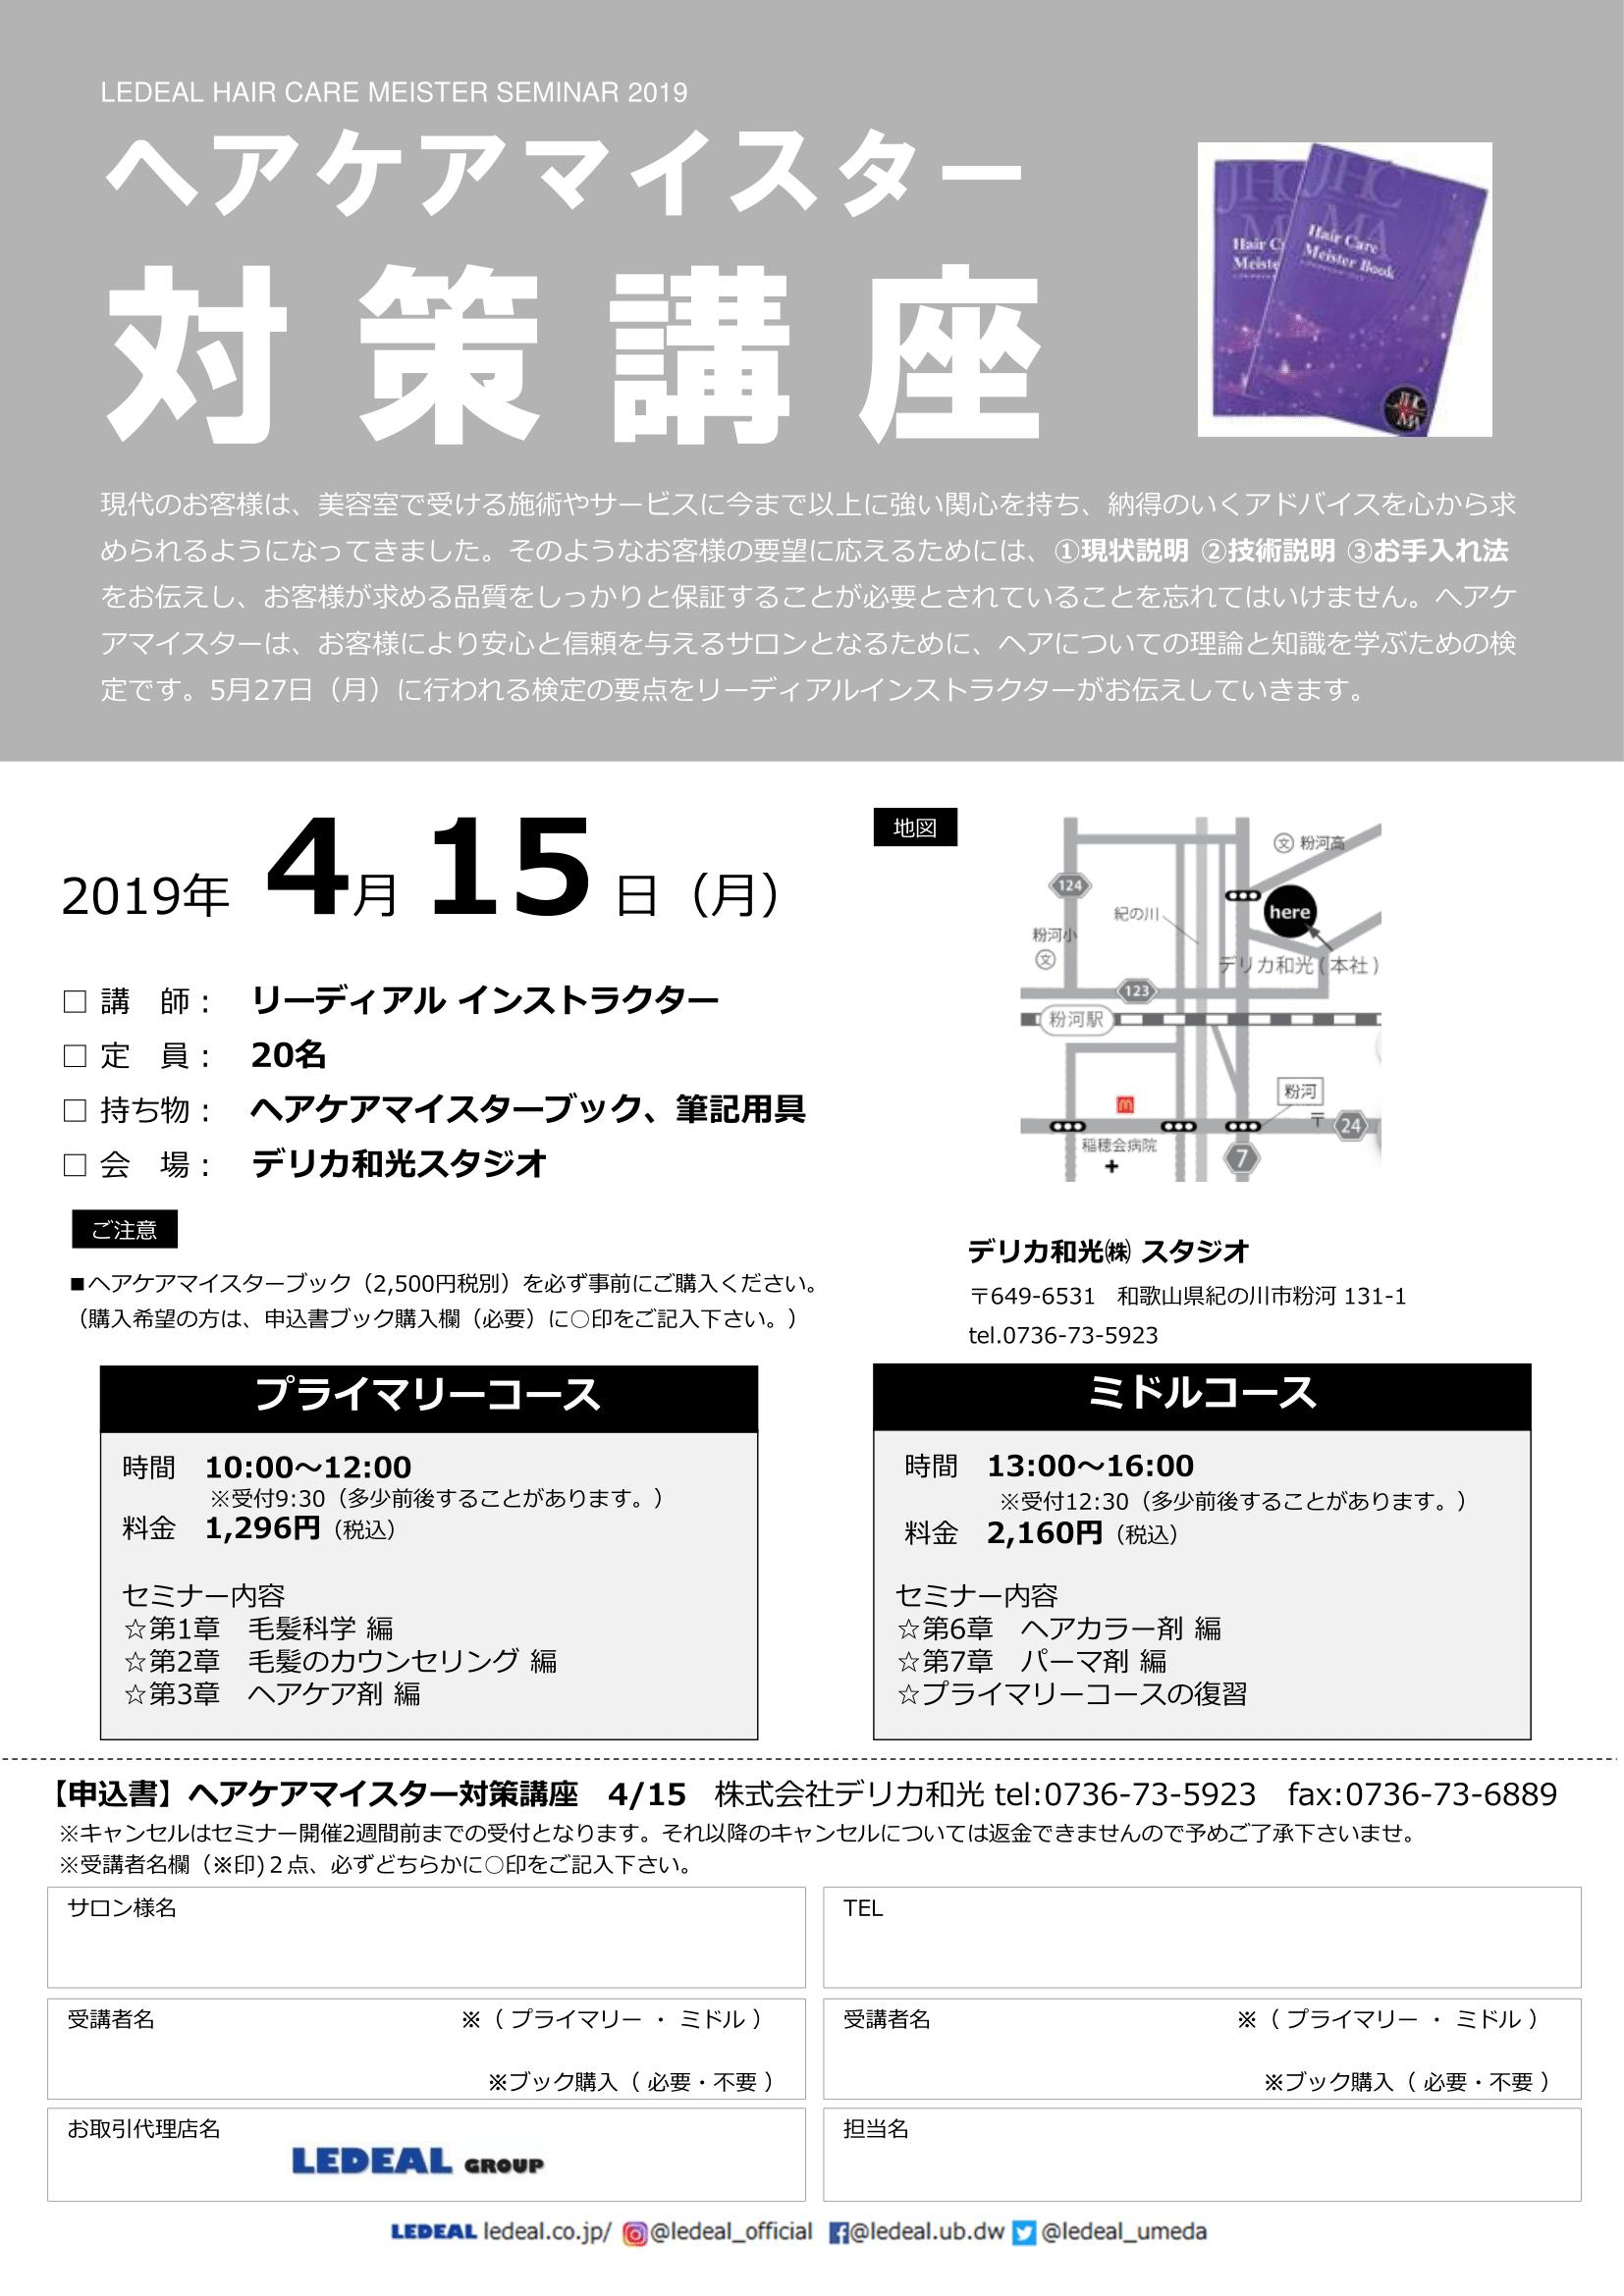 【和歌山】ヘアケアマイスター対策講座 ミドル編